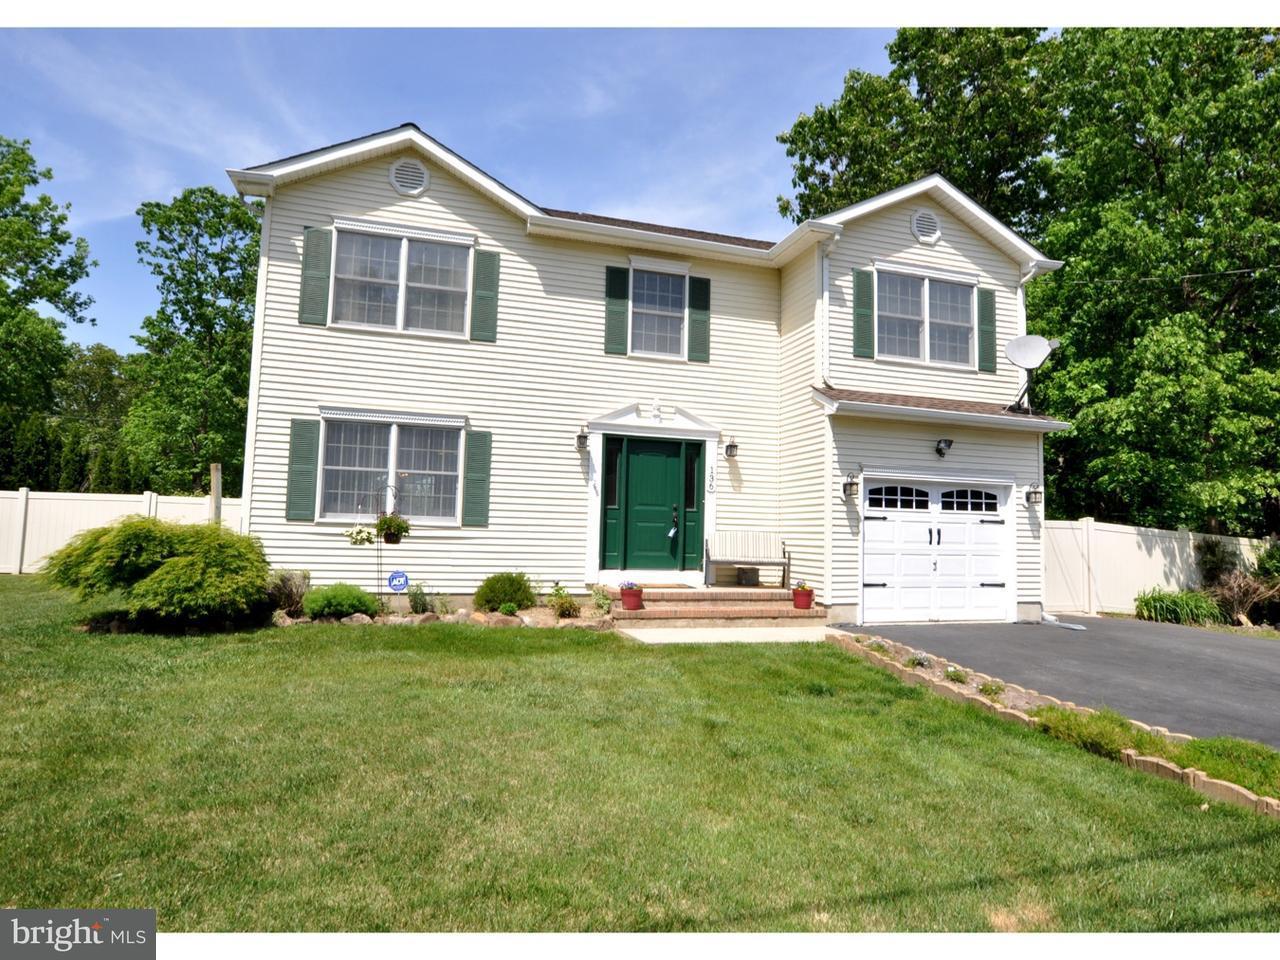 一戸建て のために 売買 アット 136 TULIP Street Browns Mills, ニュージャージー 08015 アメリカ合衆国